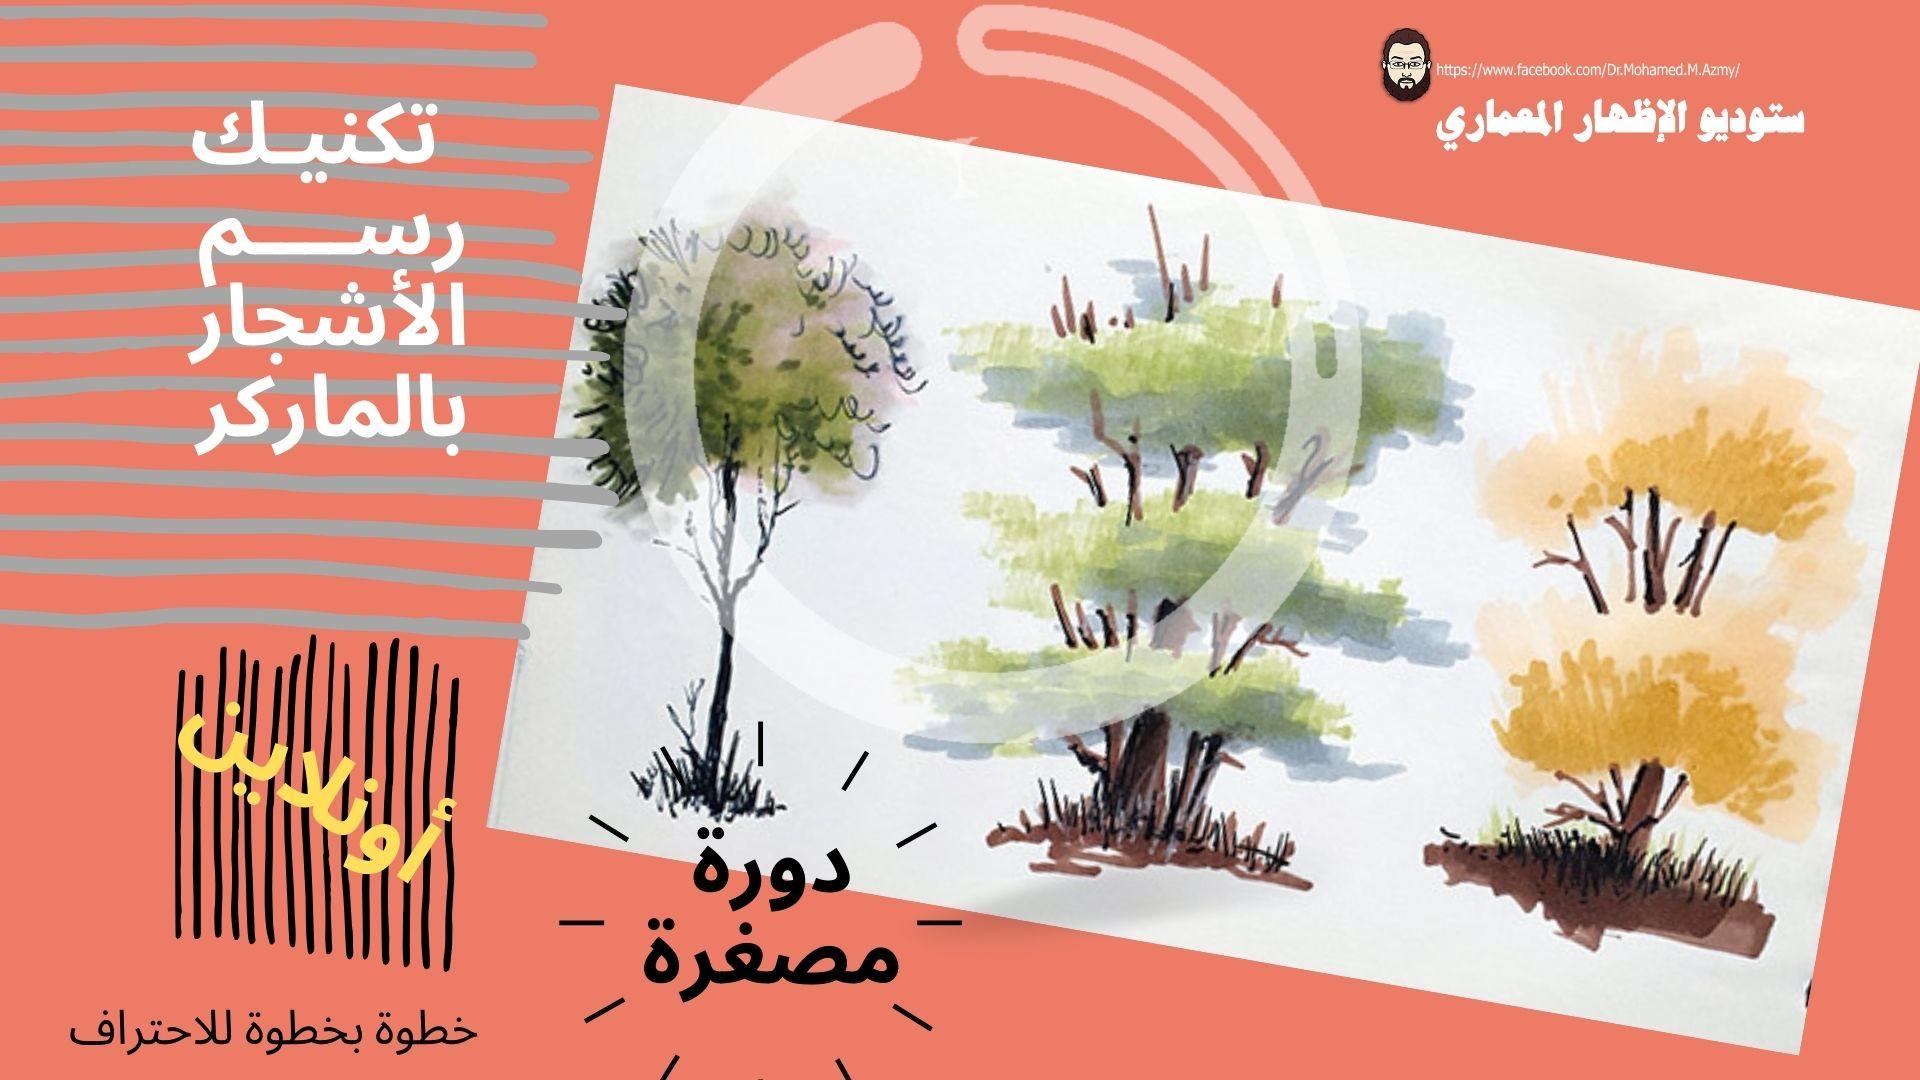 تكنيك رسم الاشجار بالماركر - دورة مصغرة -